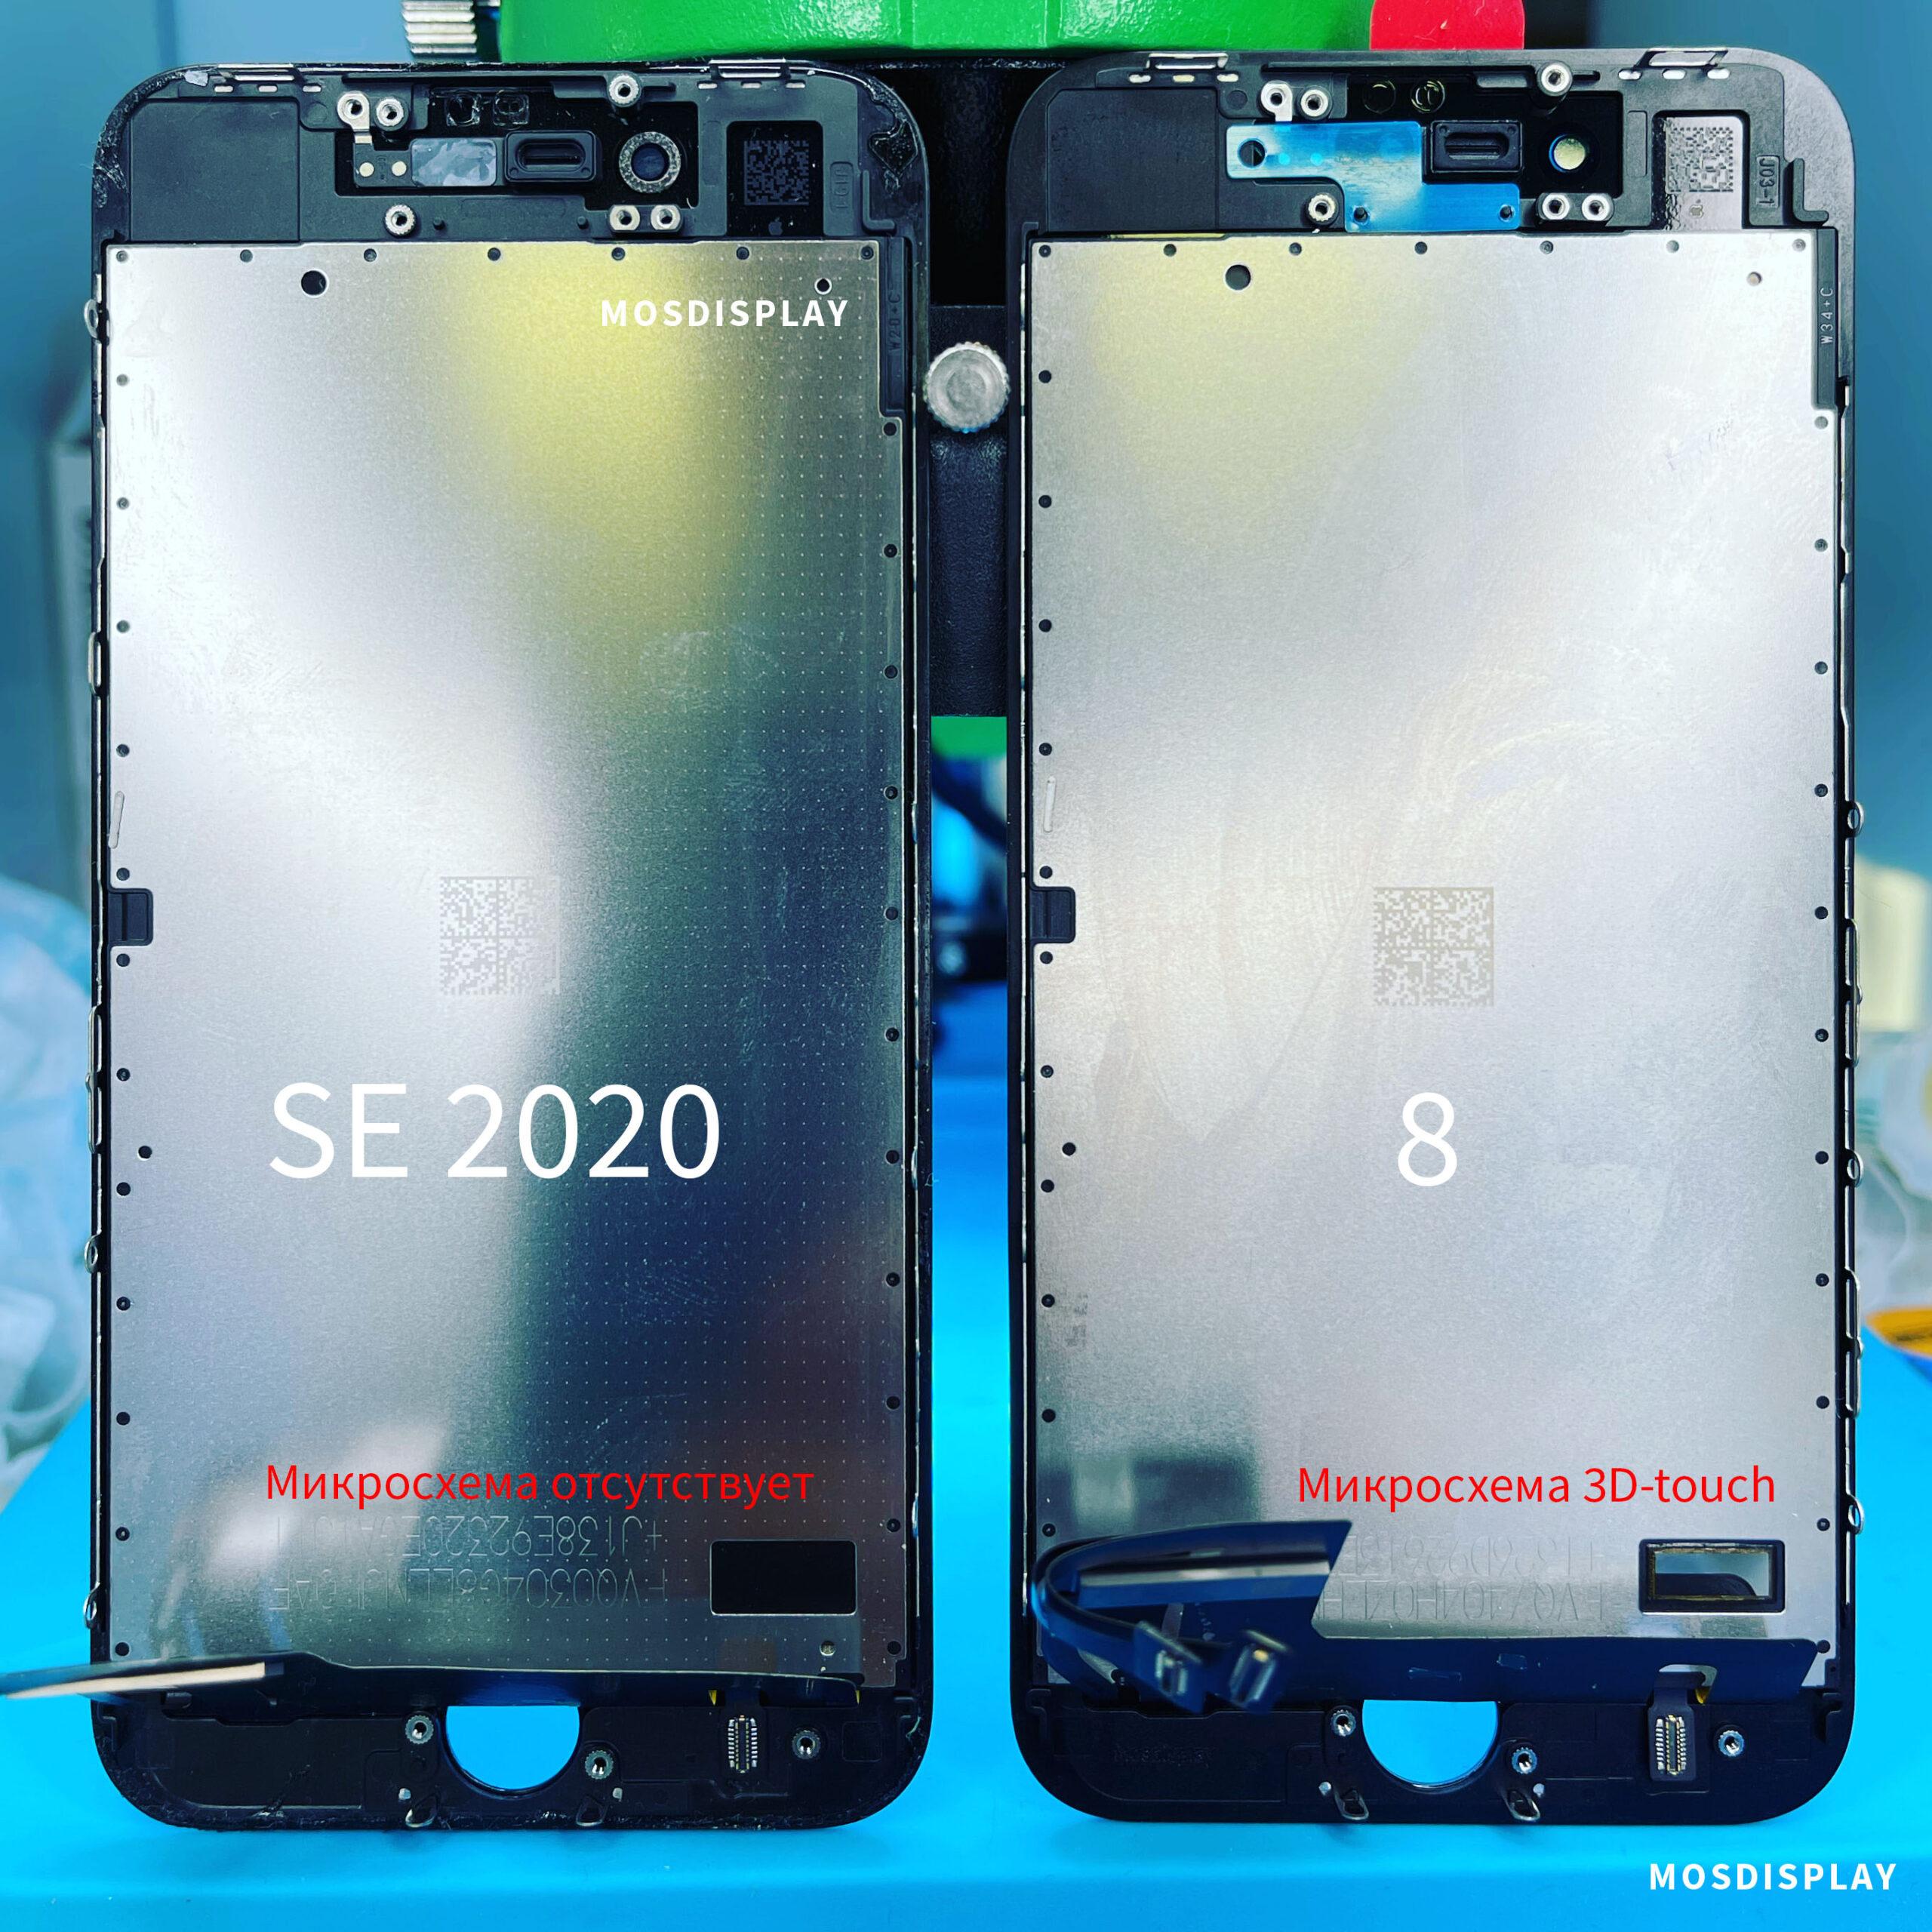 Совместимость дисплеев iPhone SE 2020 и iPhone 8